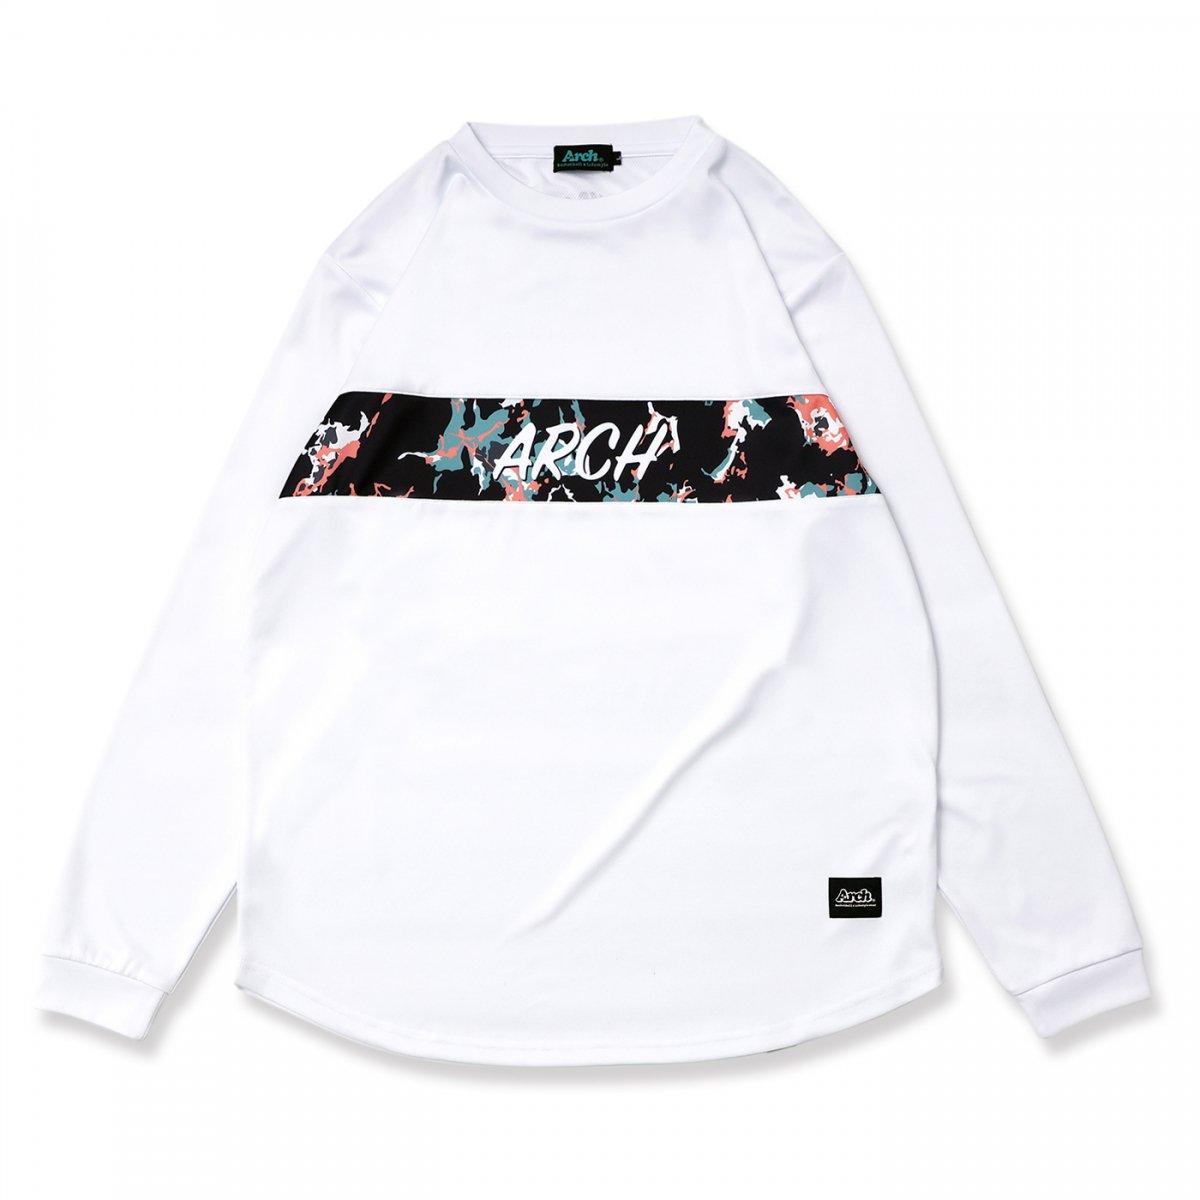 マーブリング L/S Tシャツ ホワイト